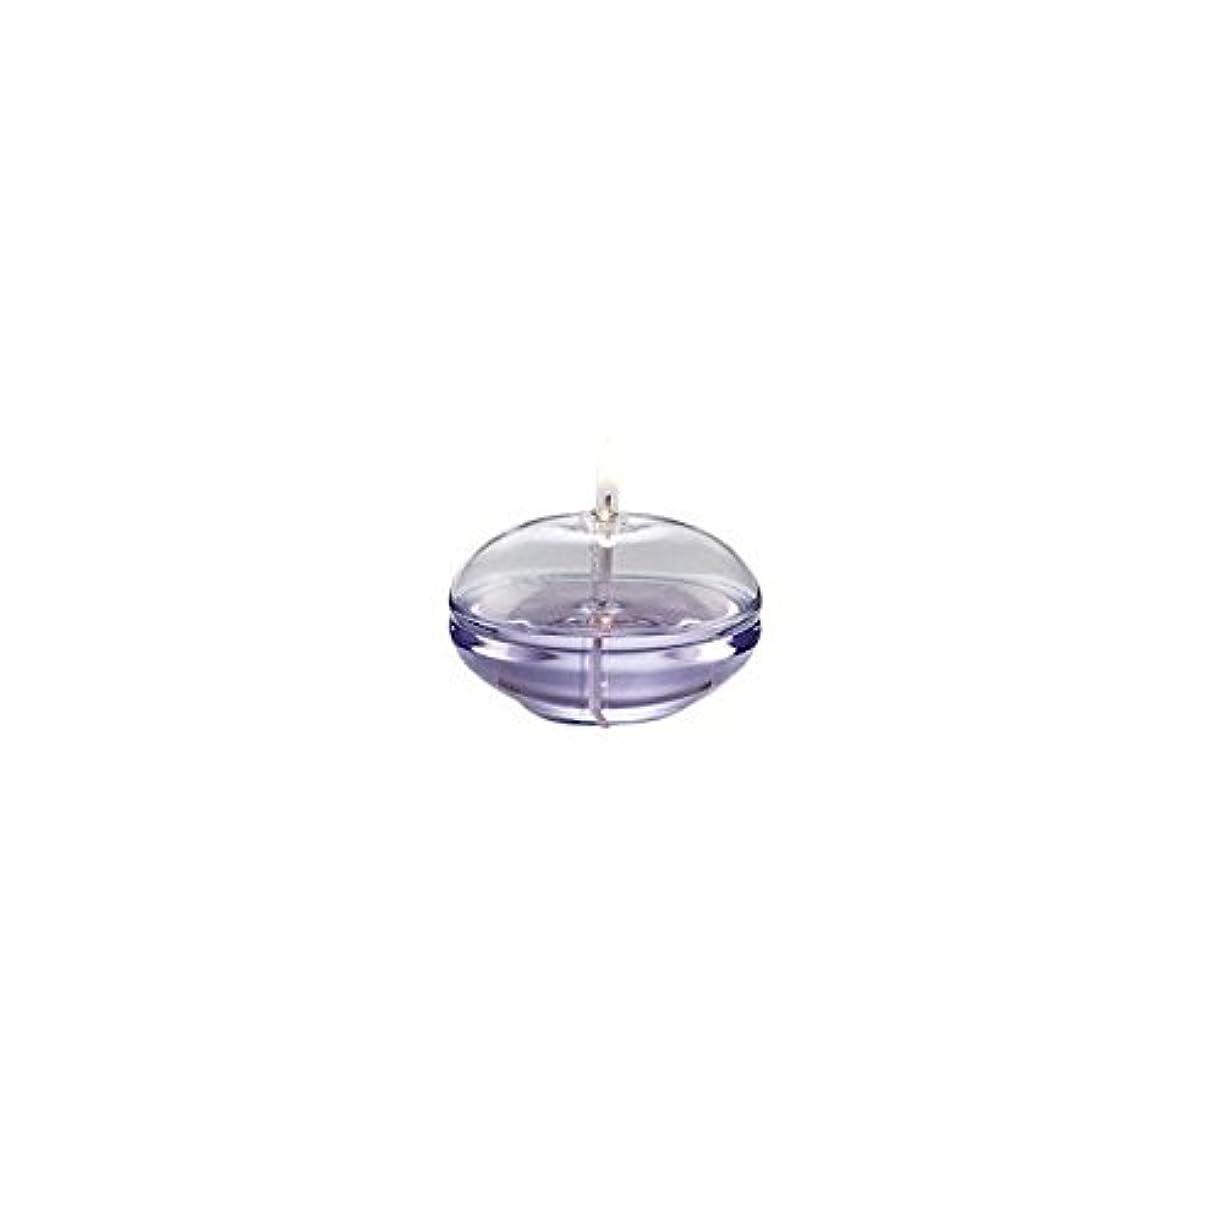 大破小間適格フロート オイルランプ L OLC-F12/62-6698-17